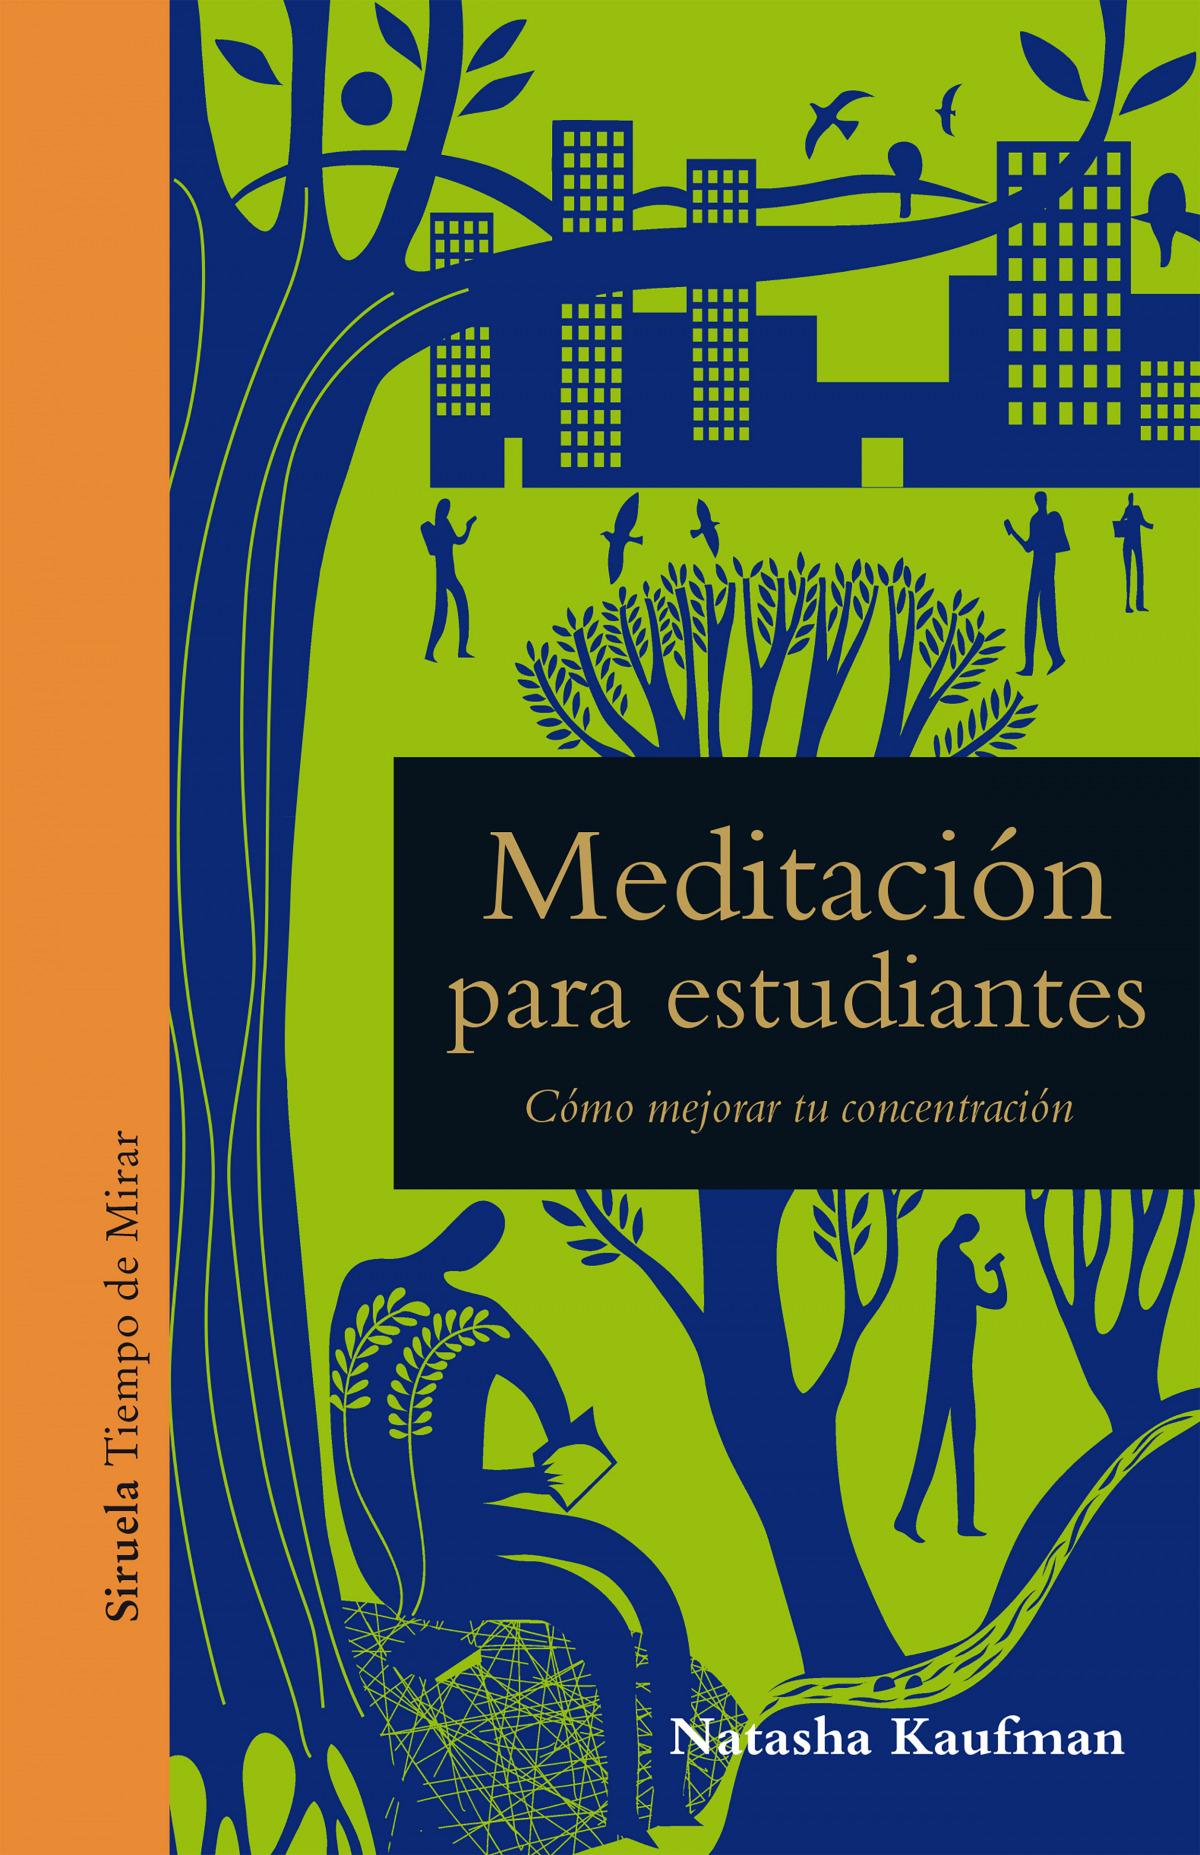 Meditación para estudiantes